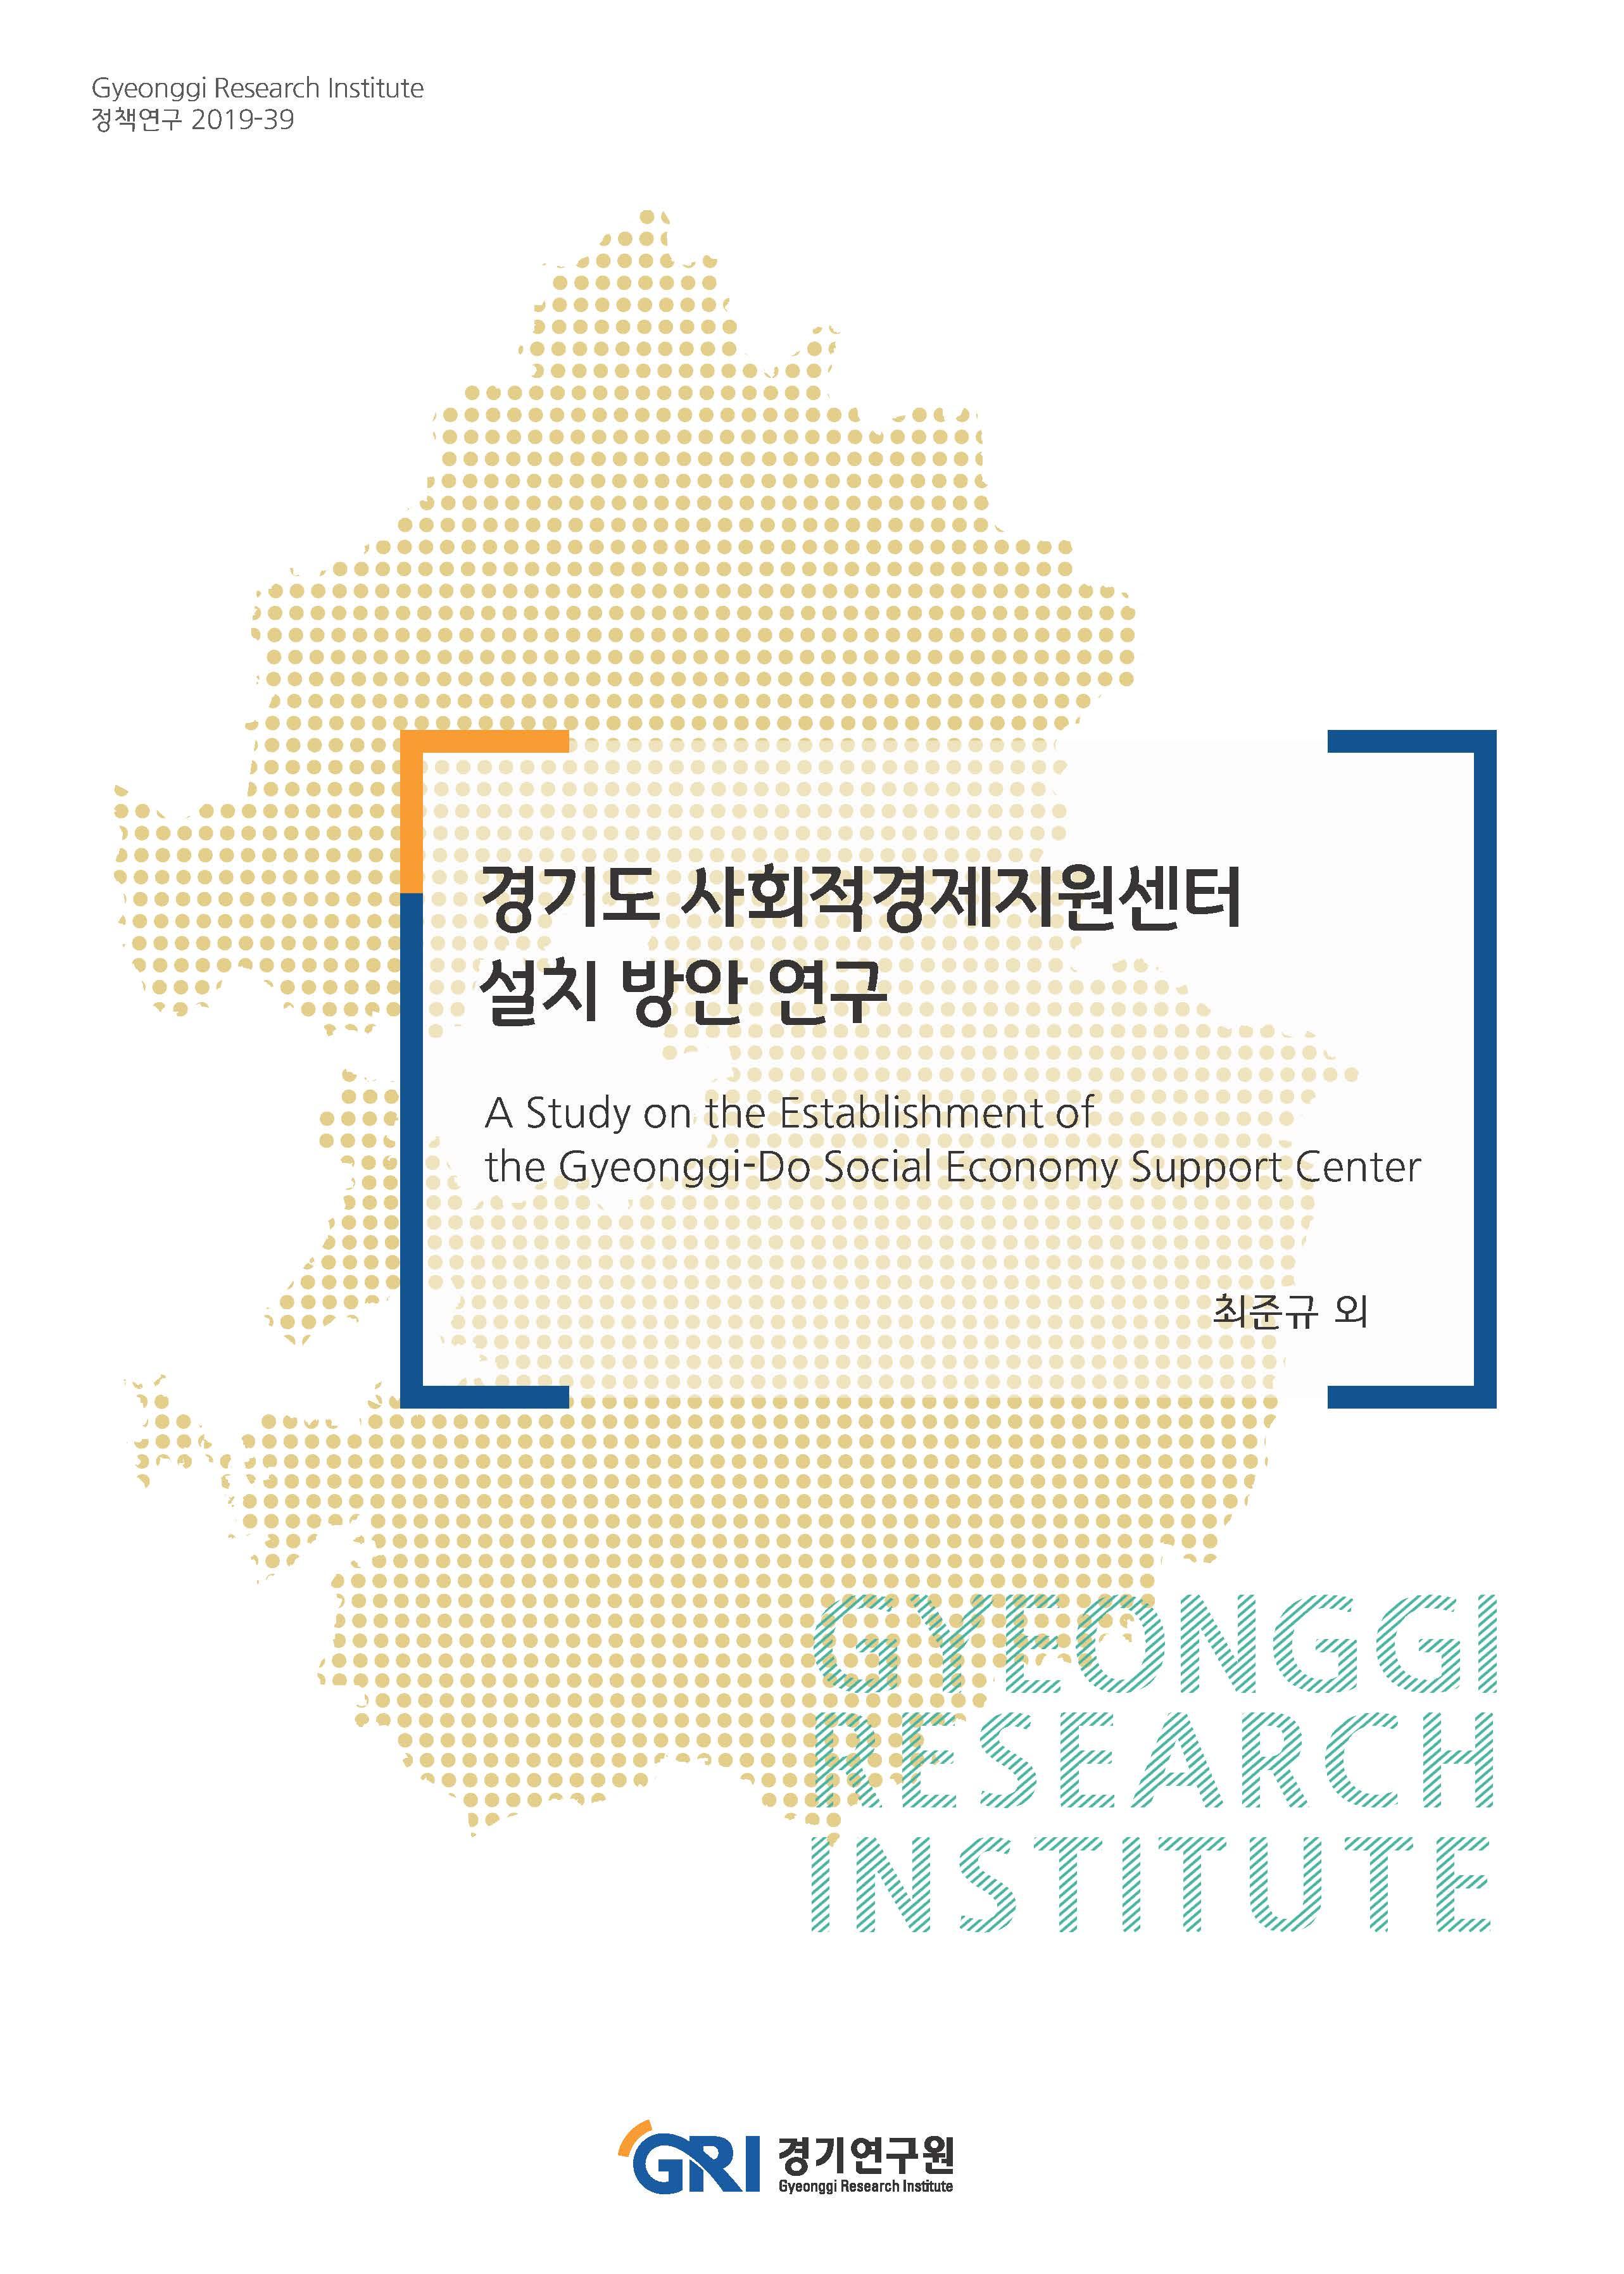 경기도 사회적경제지원센터 설치 방안 연구